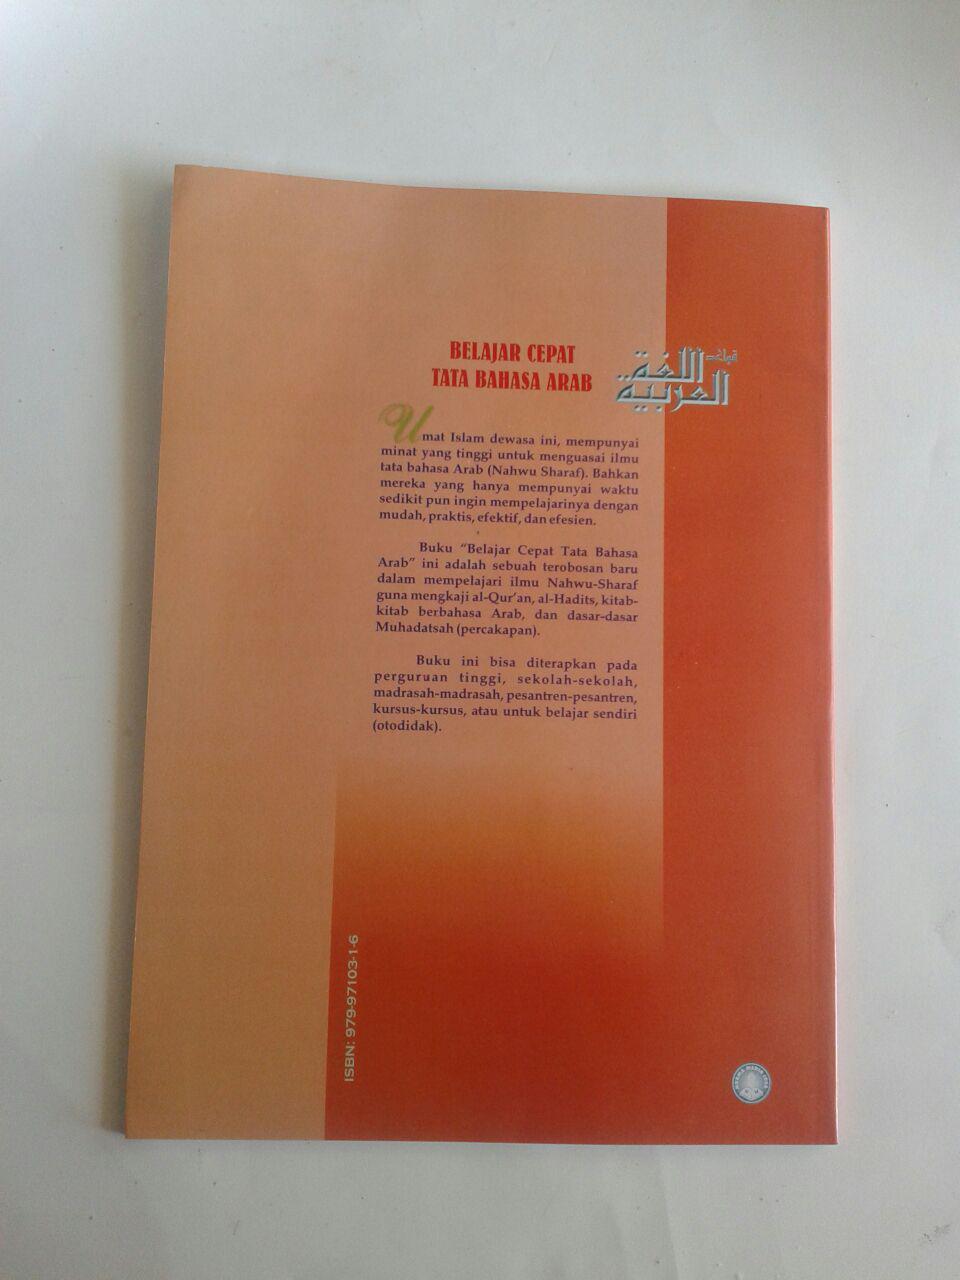 Buku Belajar Cepat Tata Bahasa Arab Plus cover